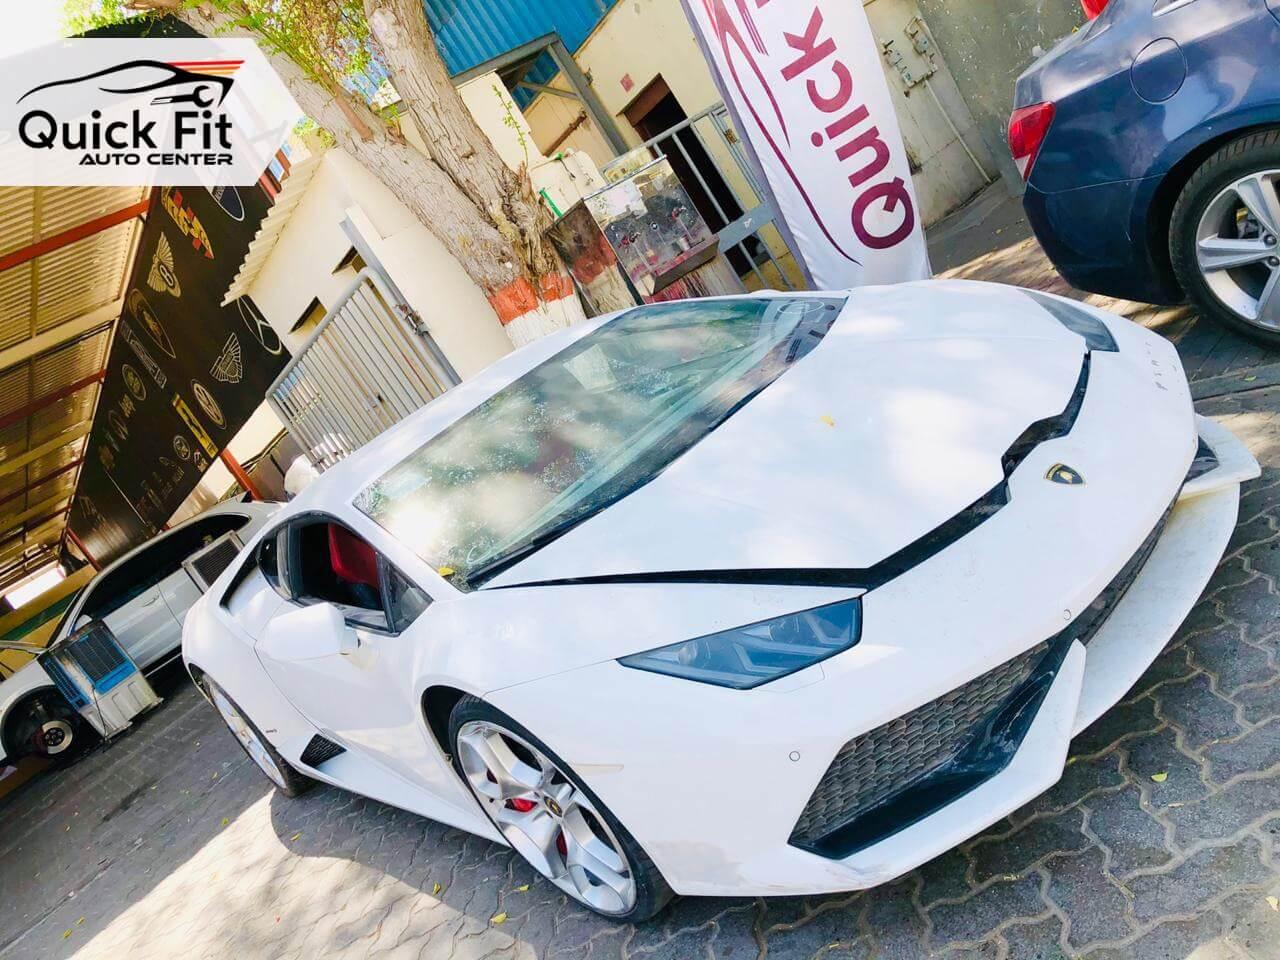 Lamborghini Huracan Accident Repair and Restoration